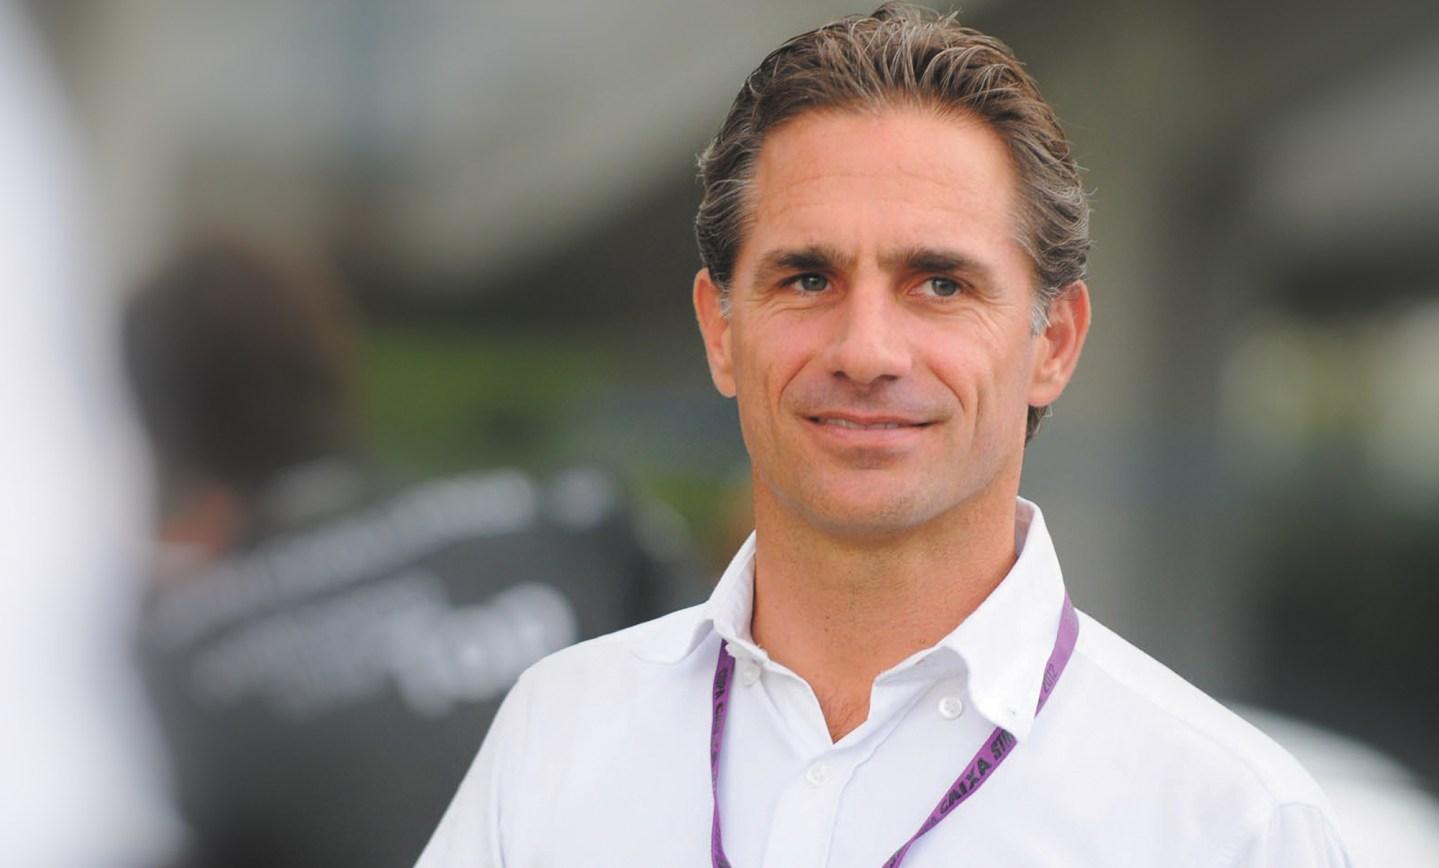 Dupla jornada: Uma entrevista com Felipe Giaffone